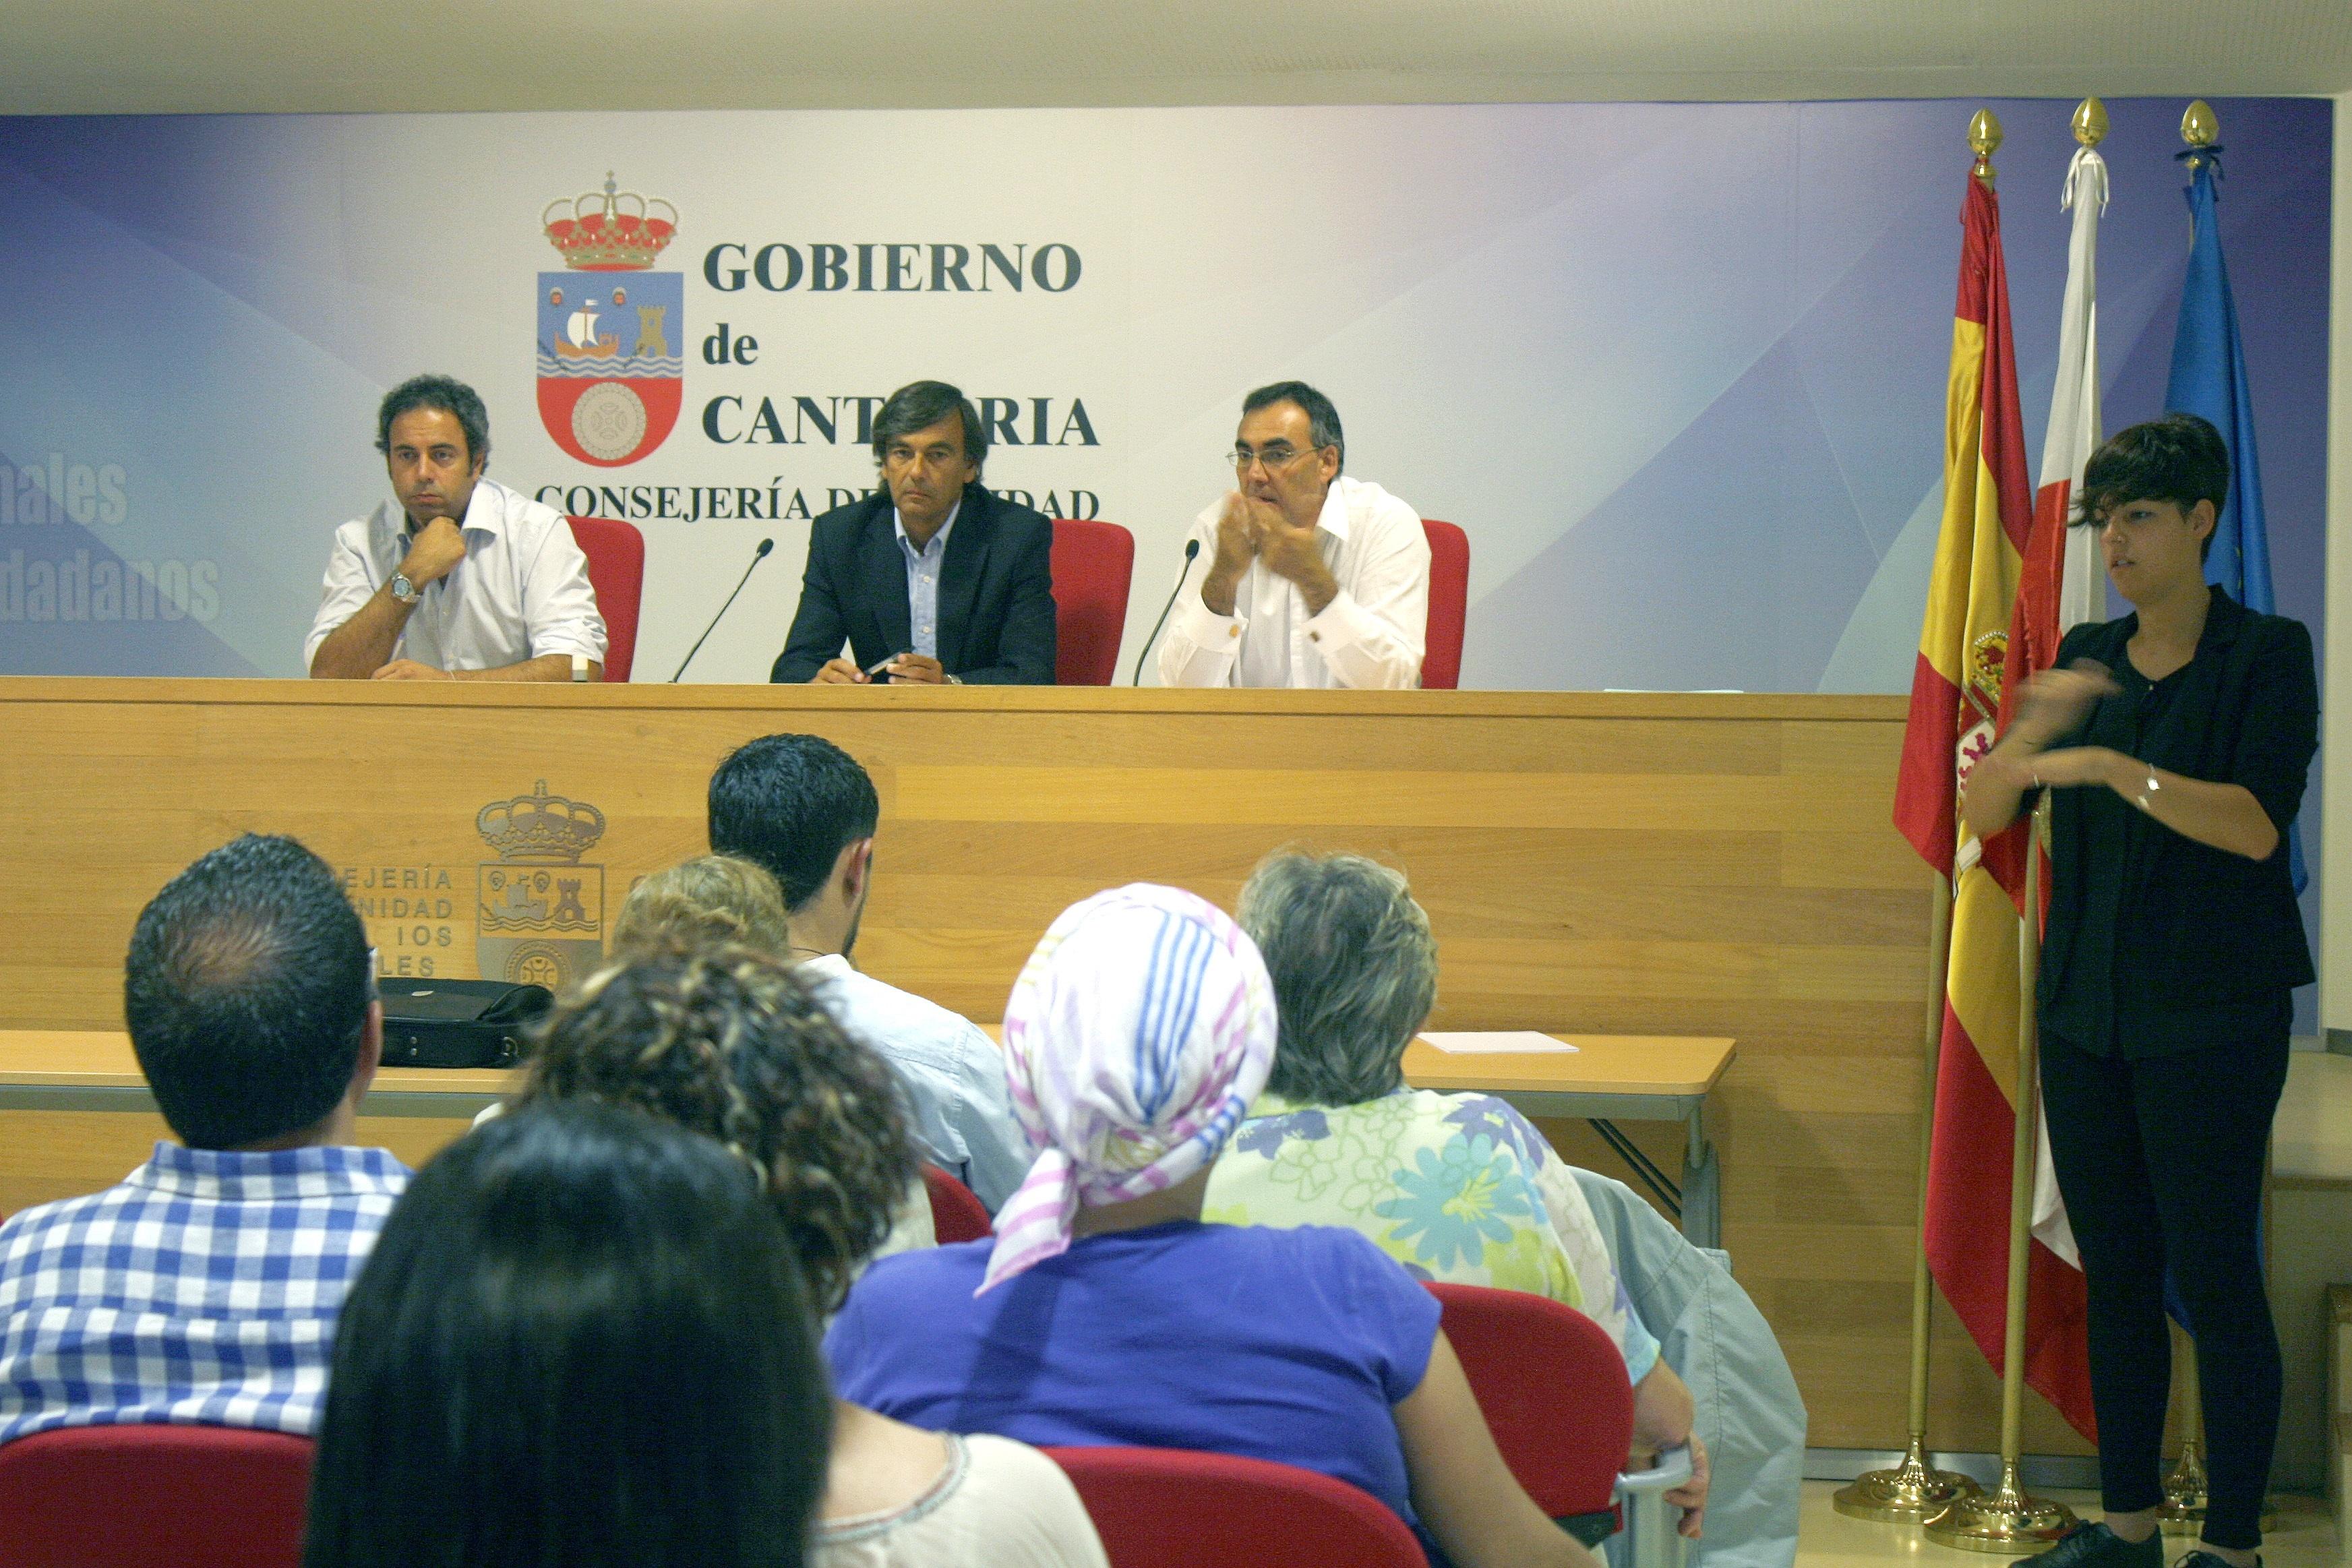 El Gobierno de Cantabria dotará a la comunidad autónoma de una ley de salud pública propia